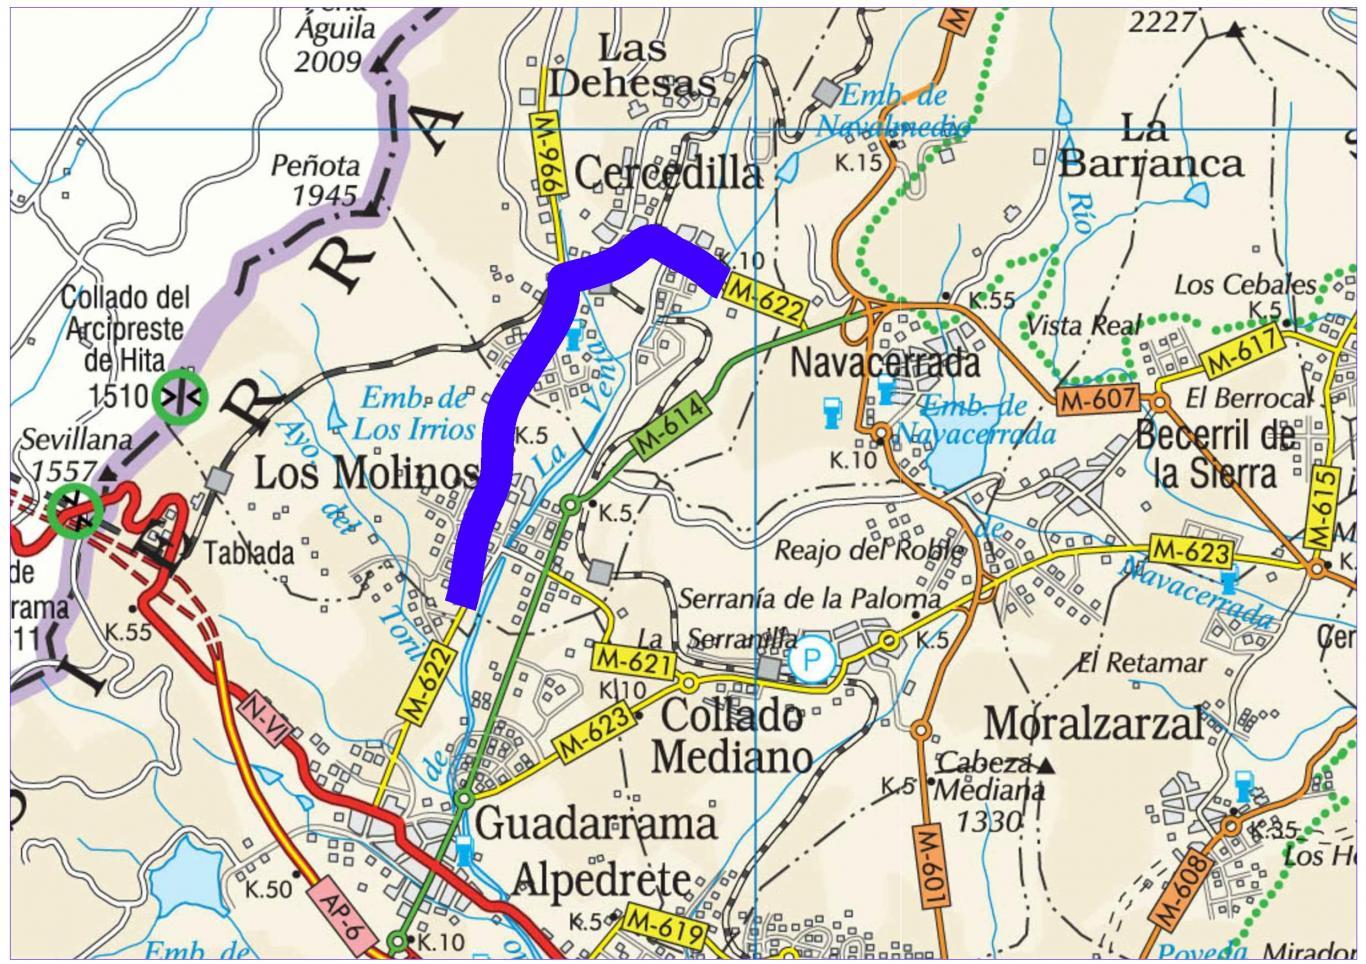 Plano de situación de la obra M-622 pk 3,000-12,100